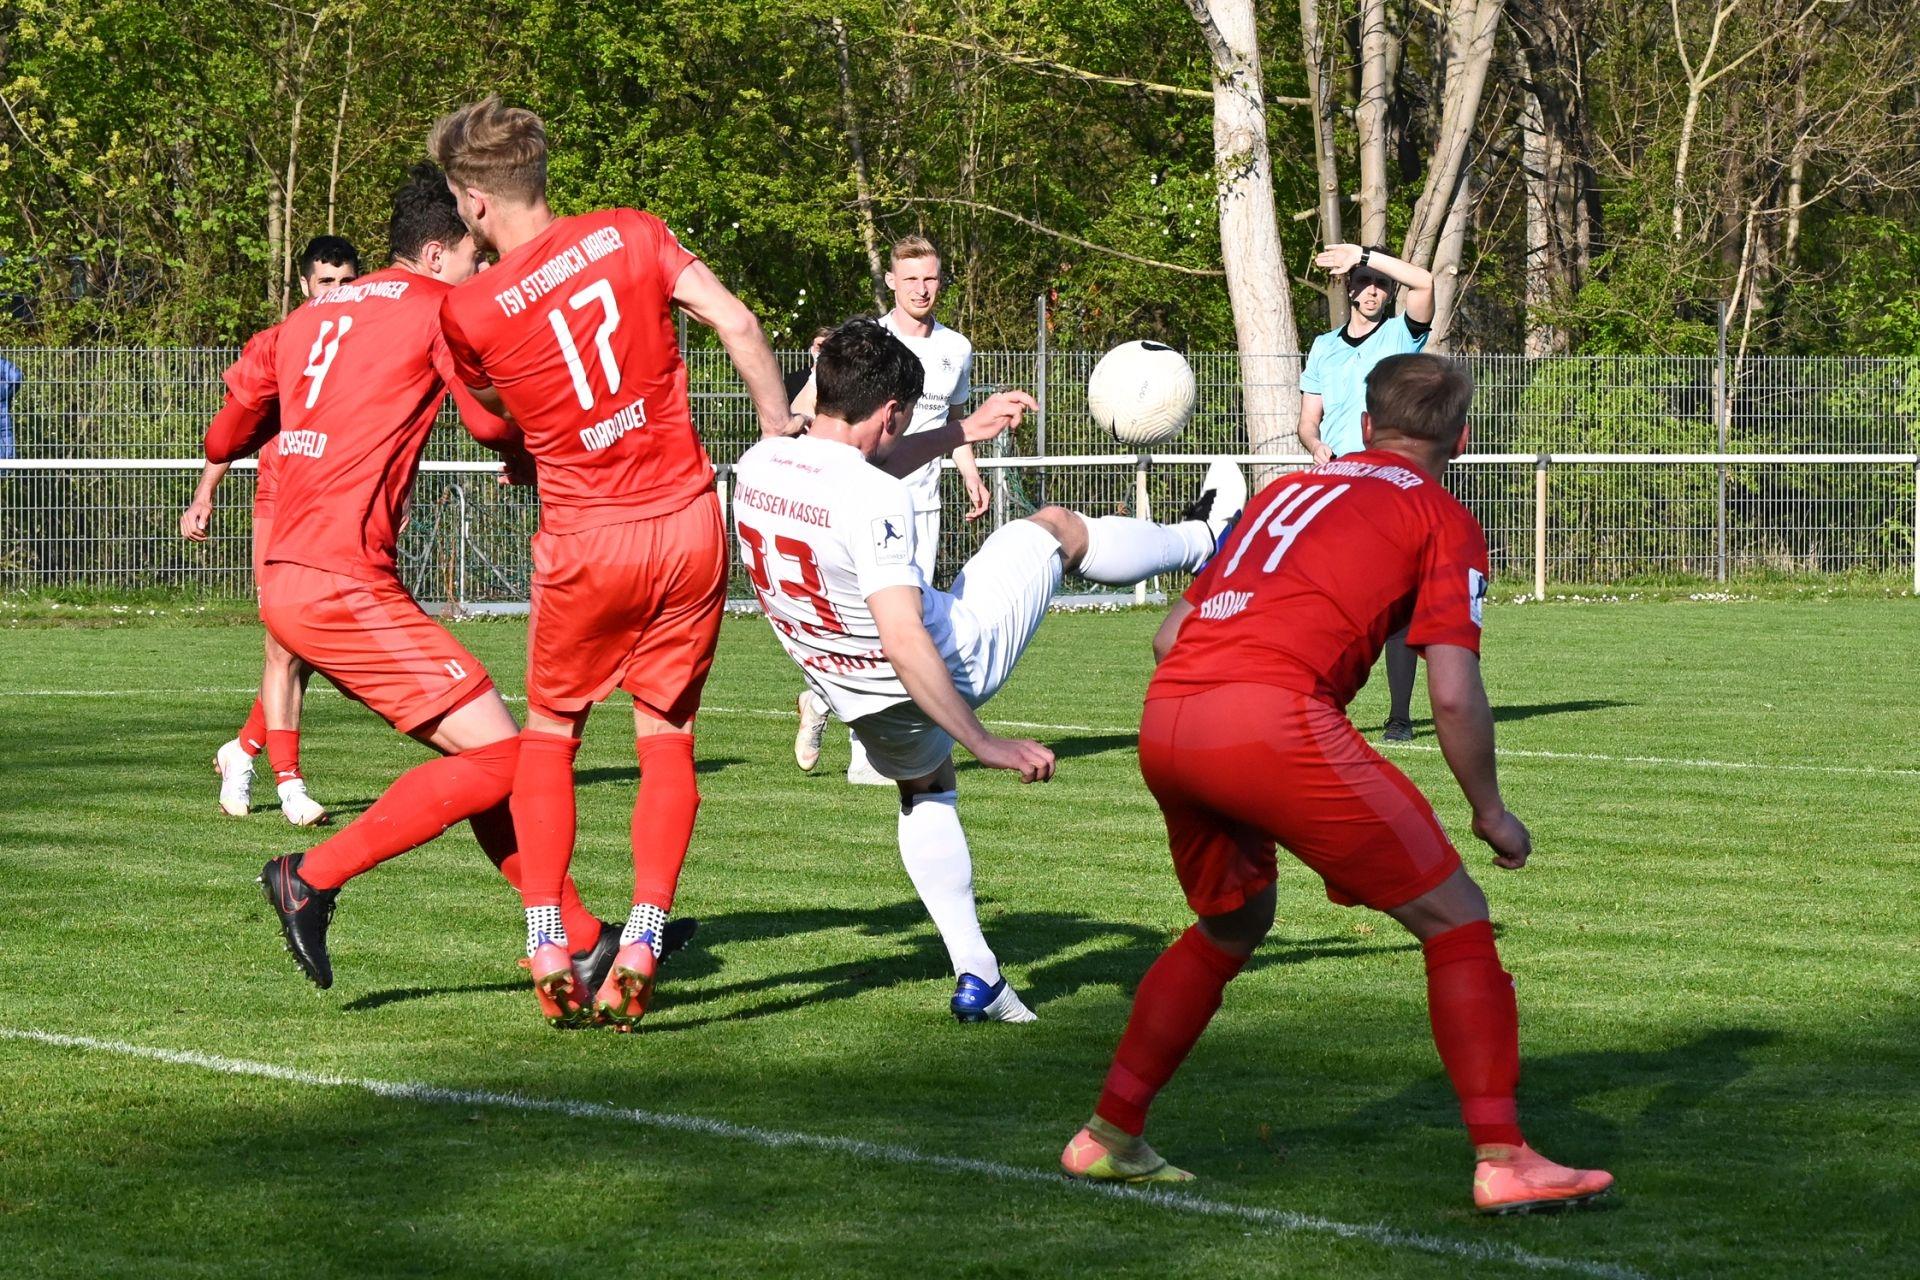 Bitburger-Hessenpokal, KSV Hessen Kassel, TSV Steinbach Haiger, Endstand 0:3